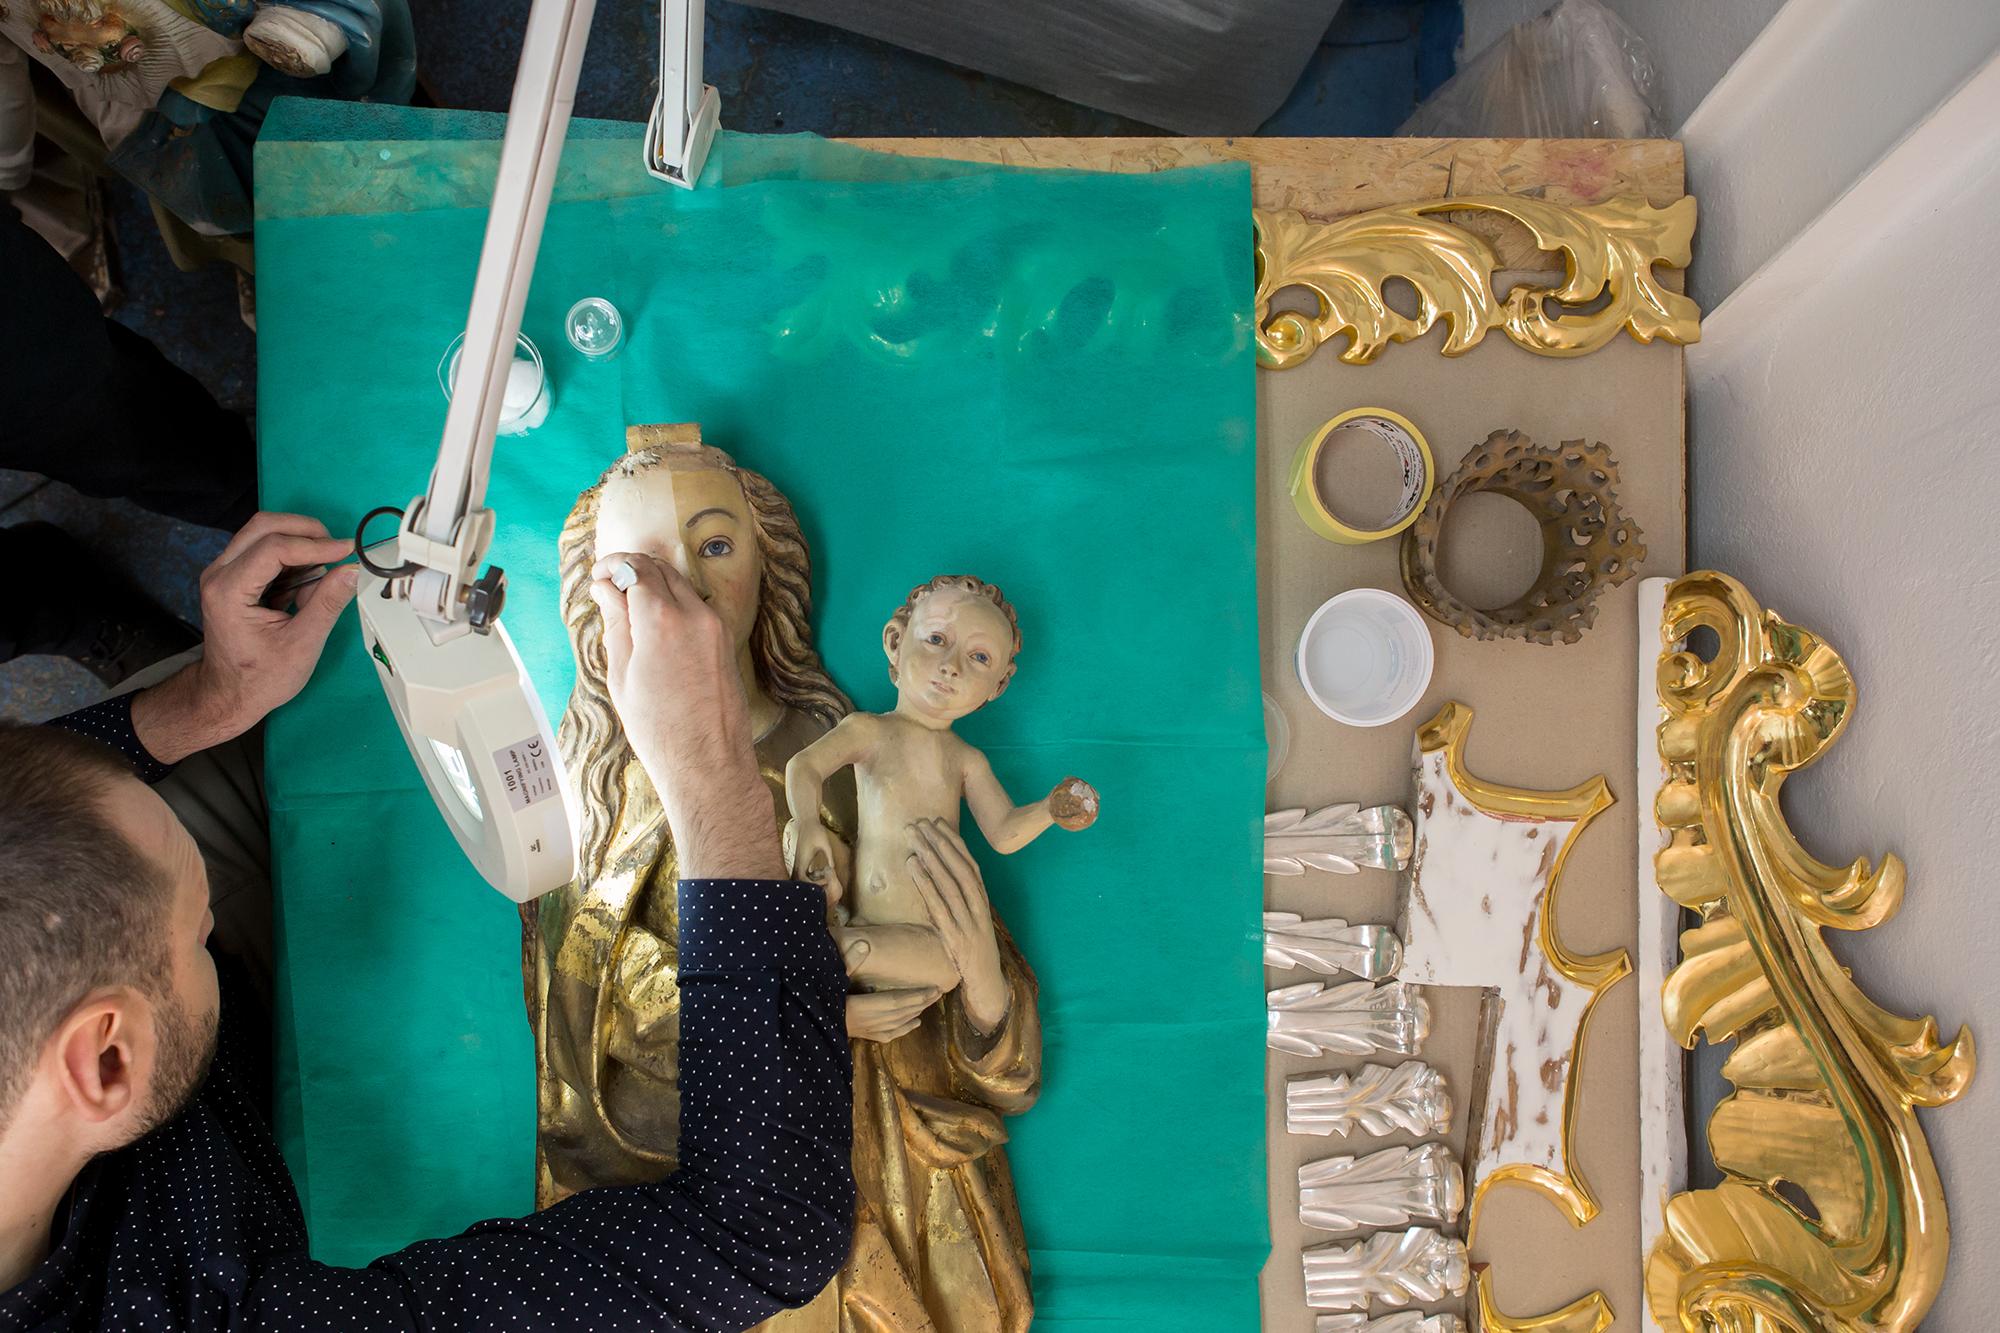 Prace konserwatorskie przy figurze Matki Bożej z Wilkanowa datowanej na 1510 r.